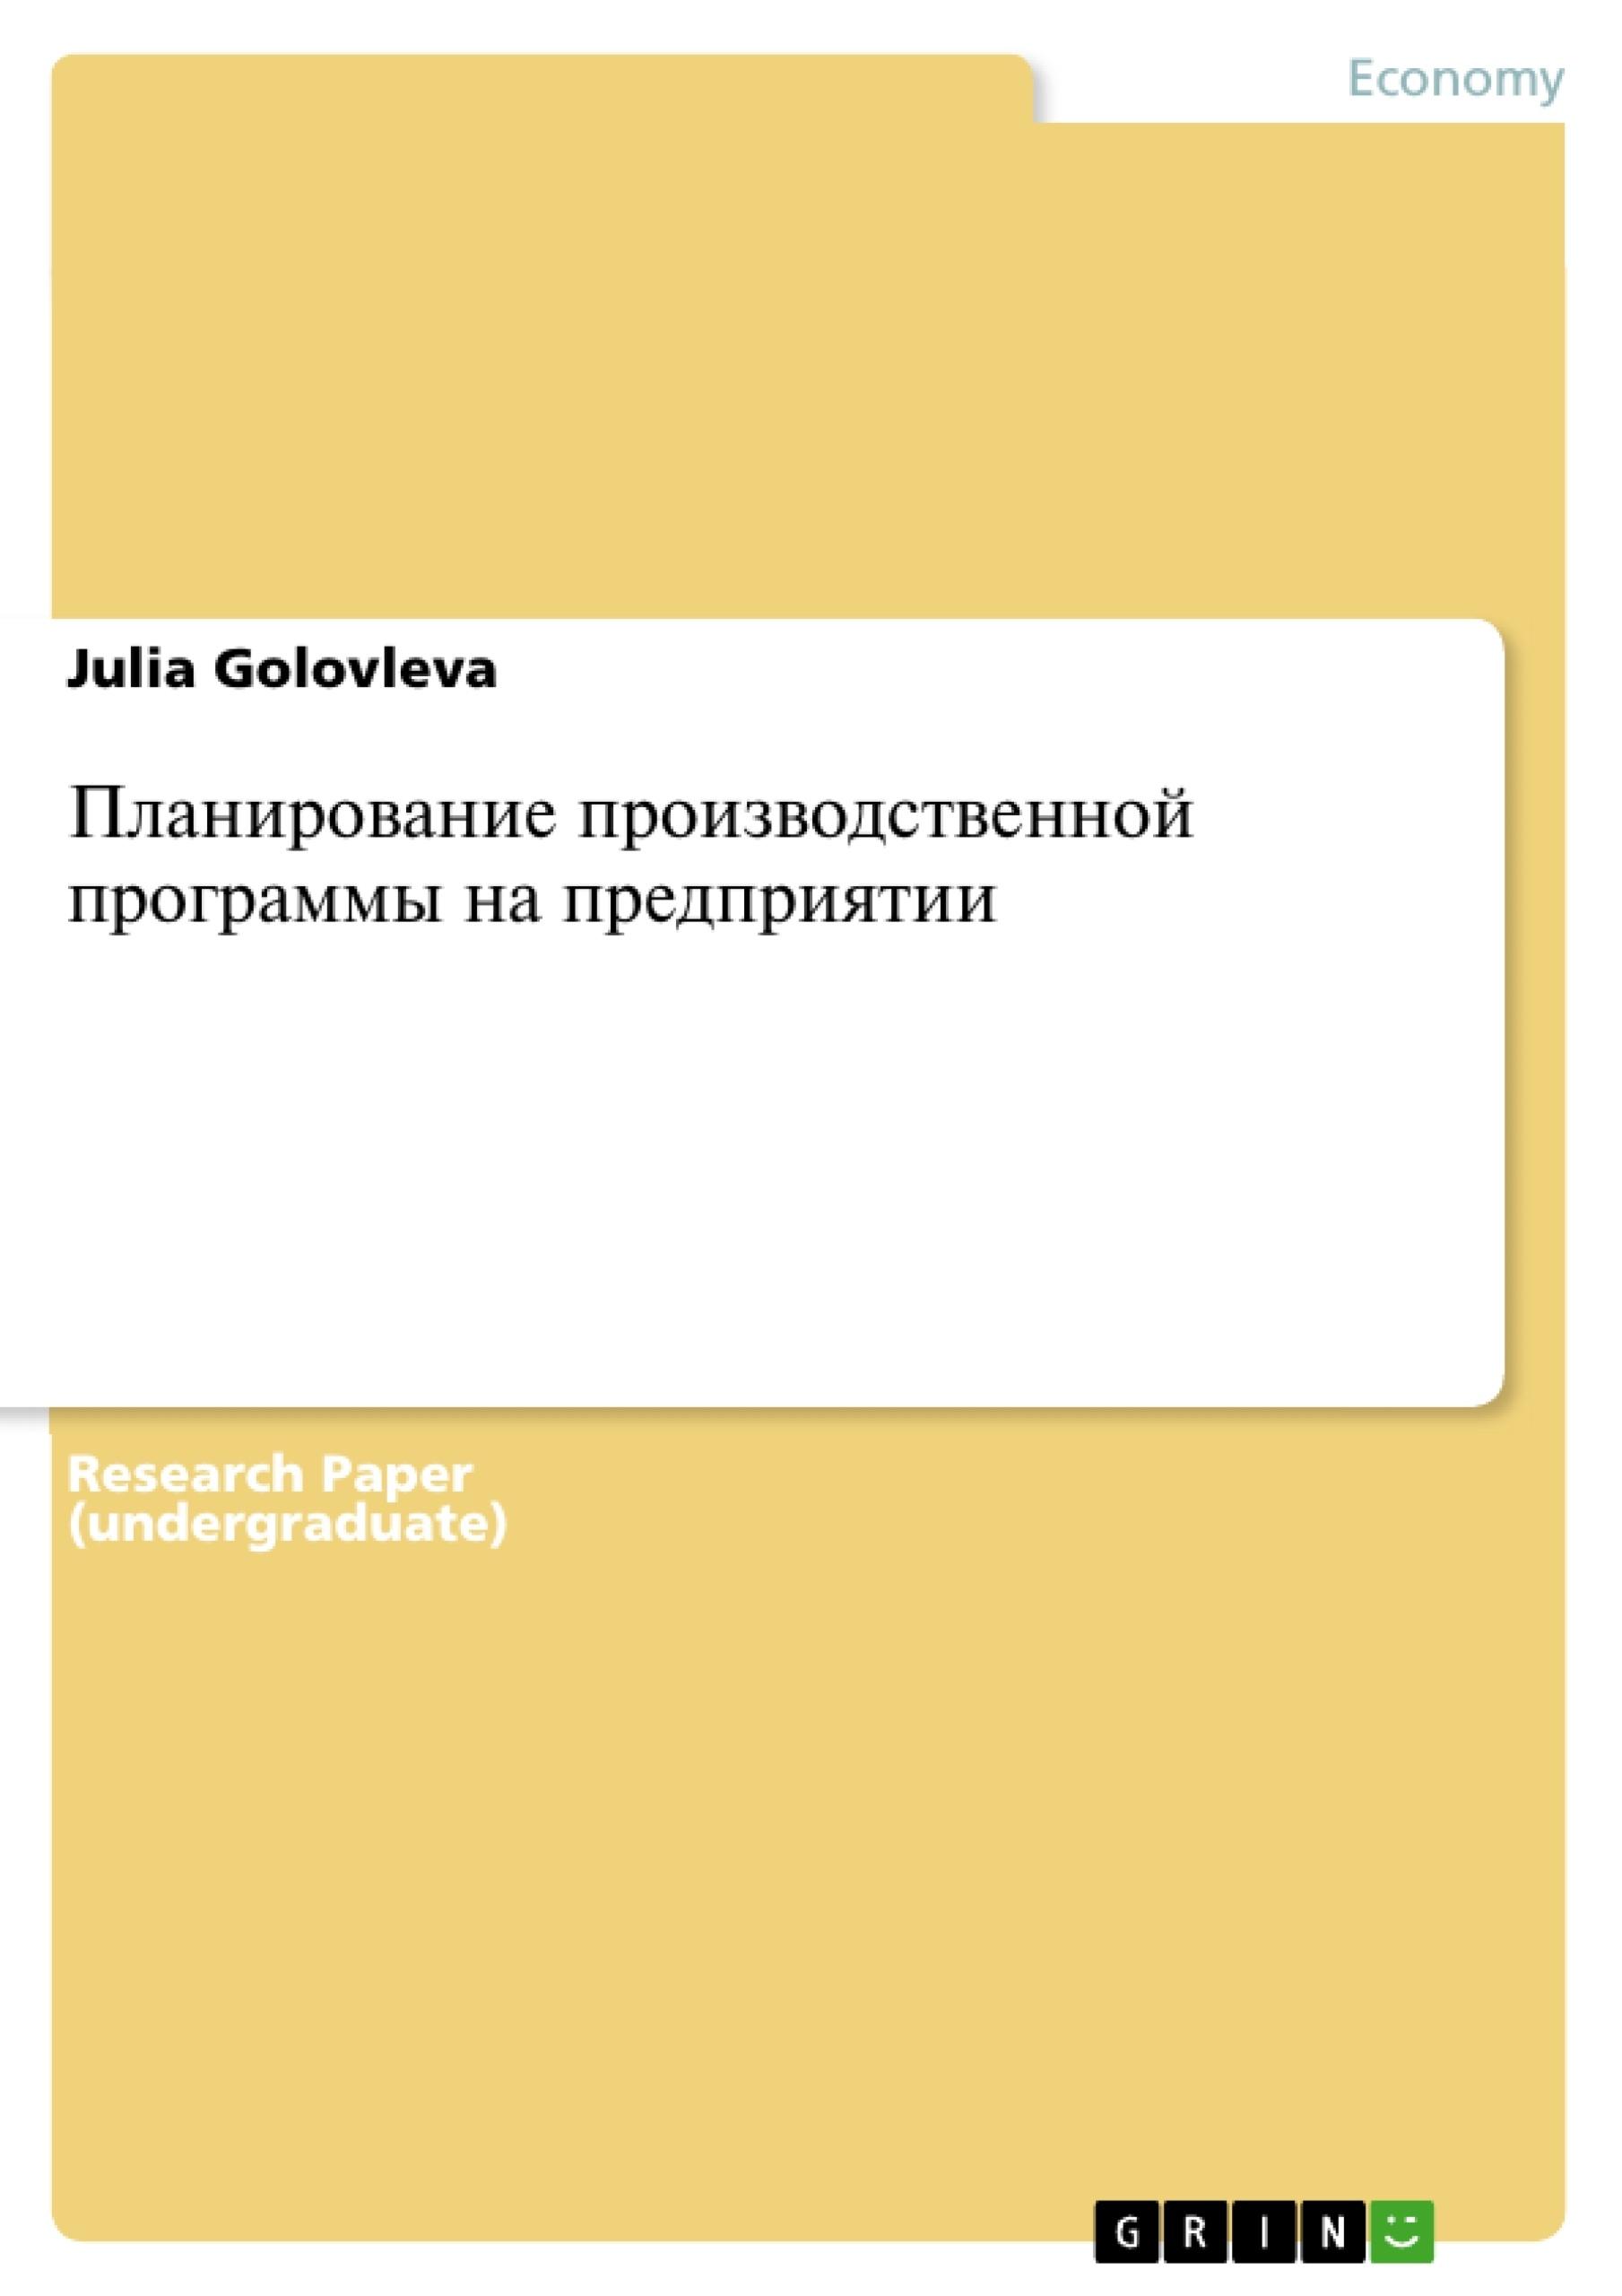 Title: Планирование производственной программы на предприятии